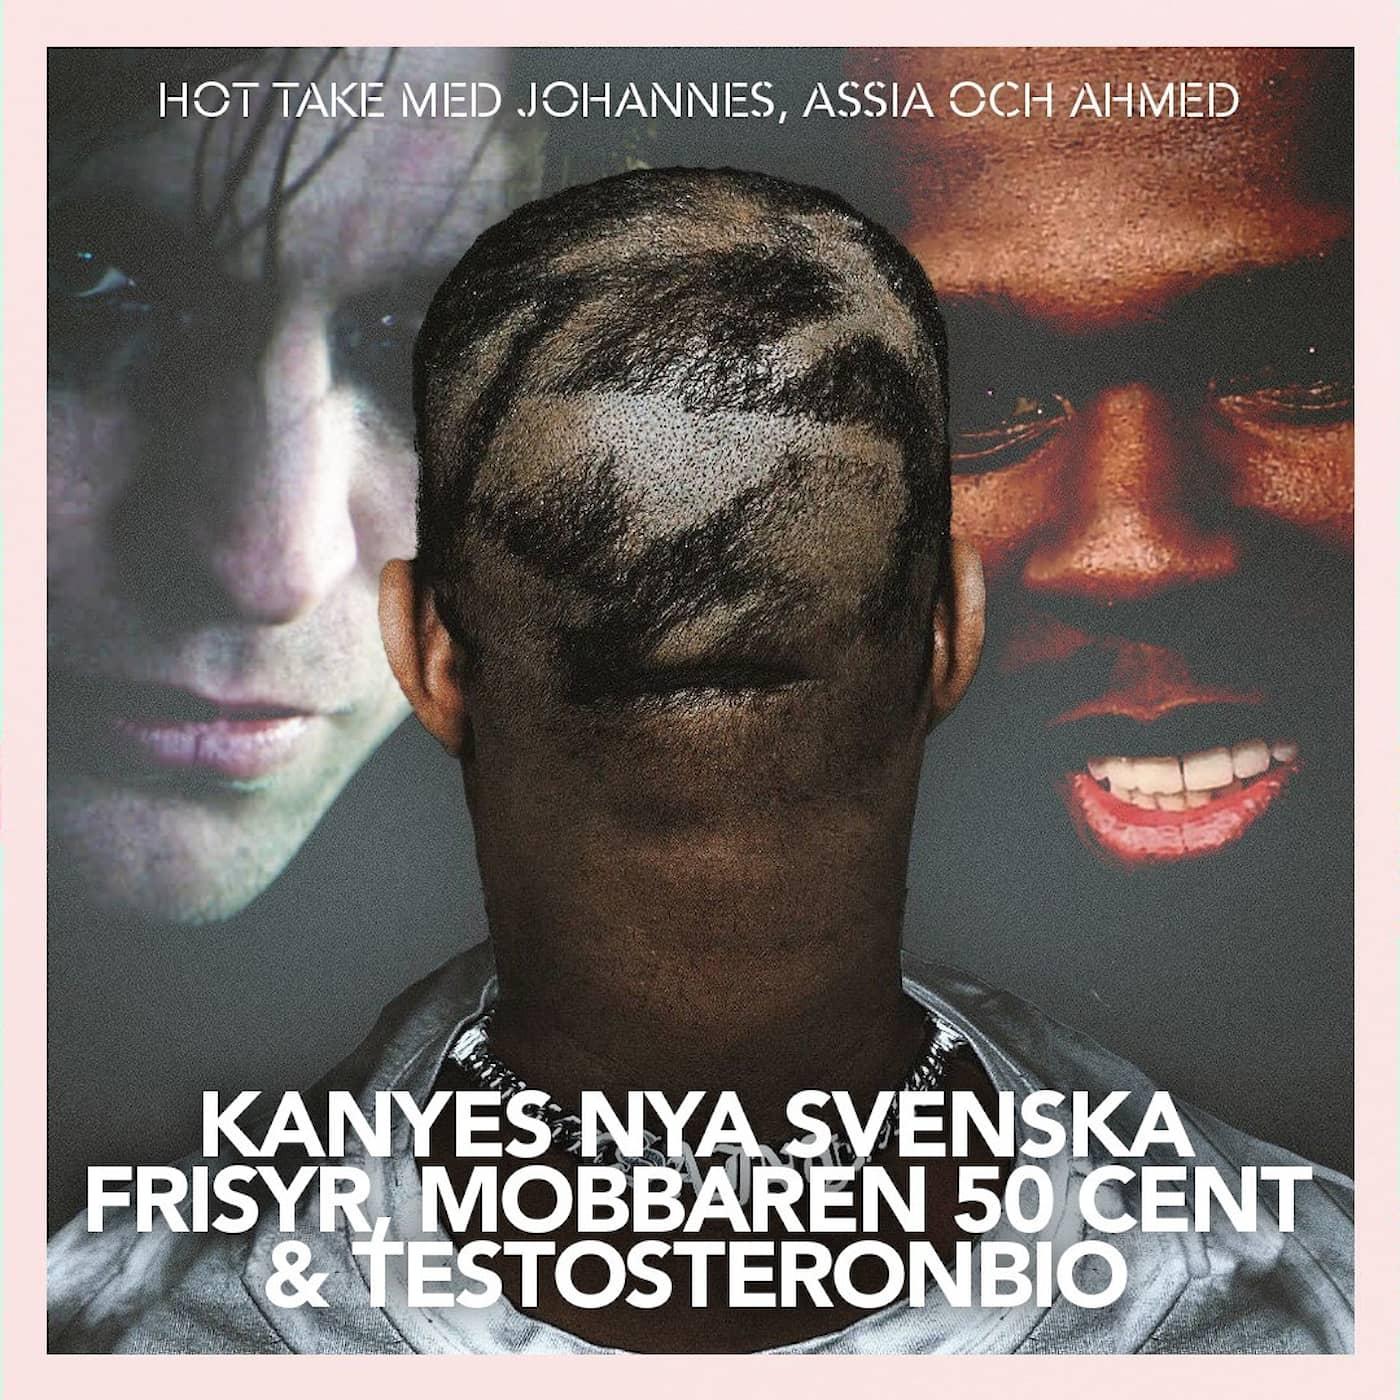 Kanyes nya svenska frisyr, mobbaren 50 Cent & testosteronbio